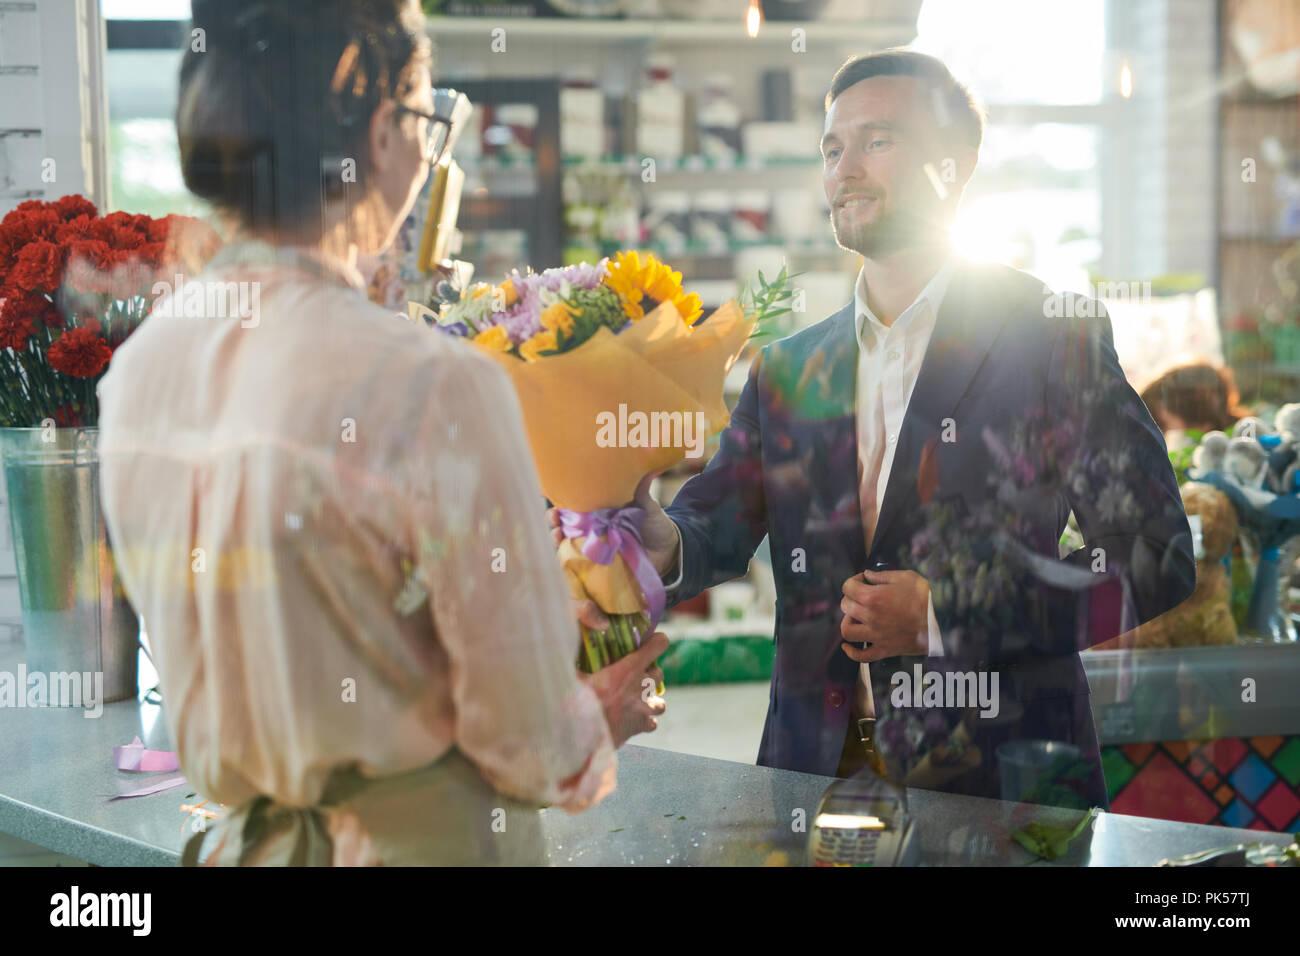 Comprar flores caballero Imagen De Stock